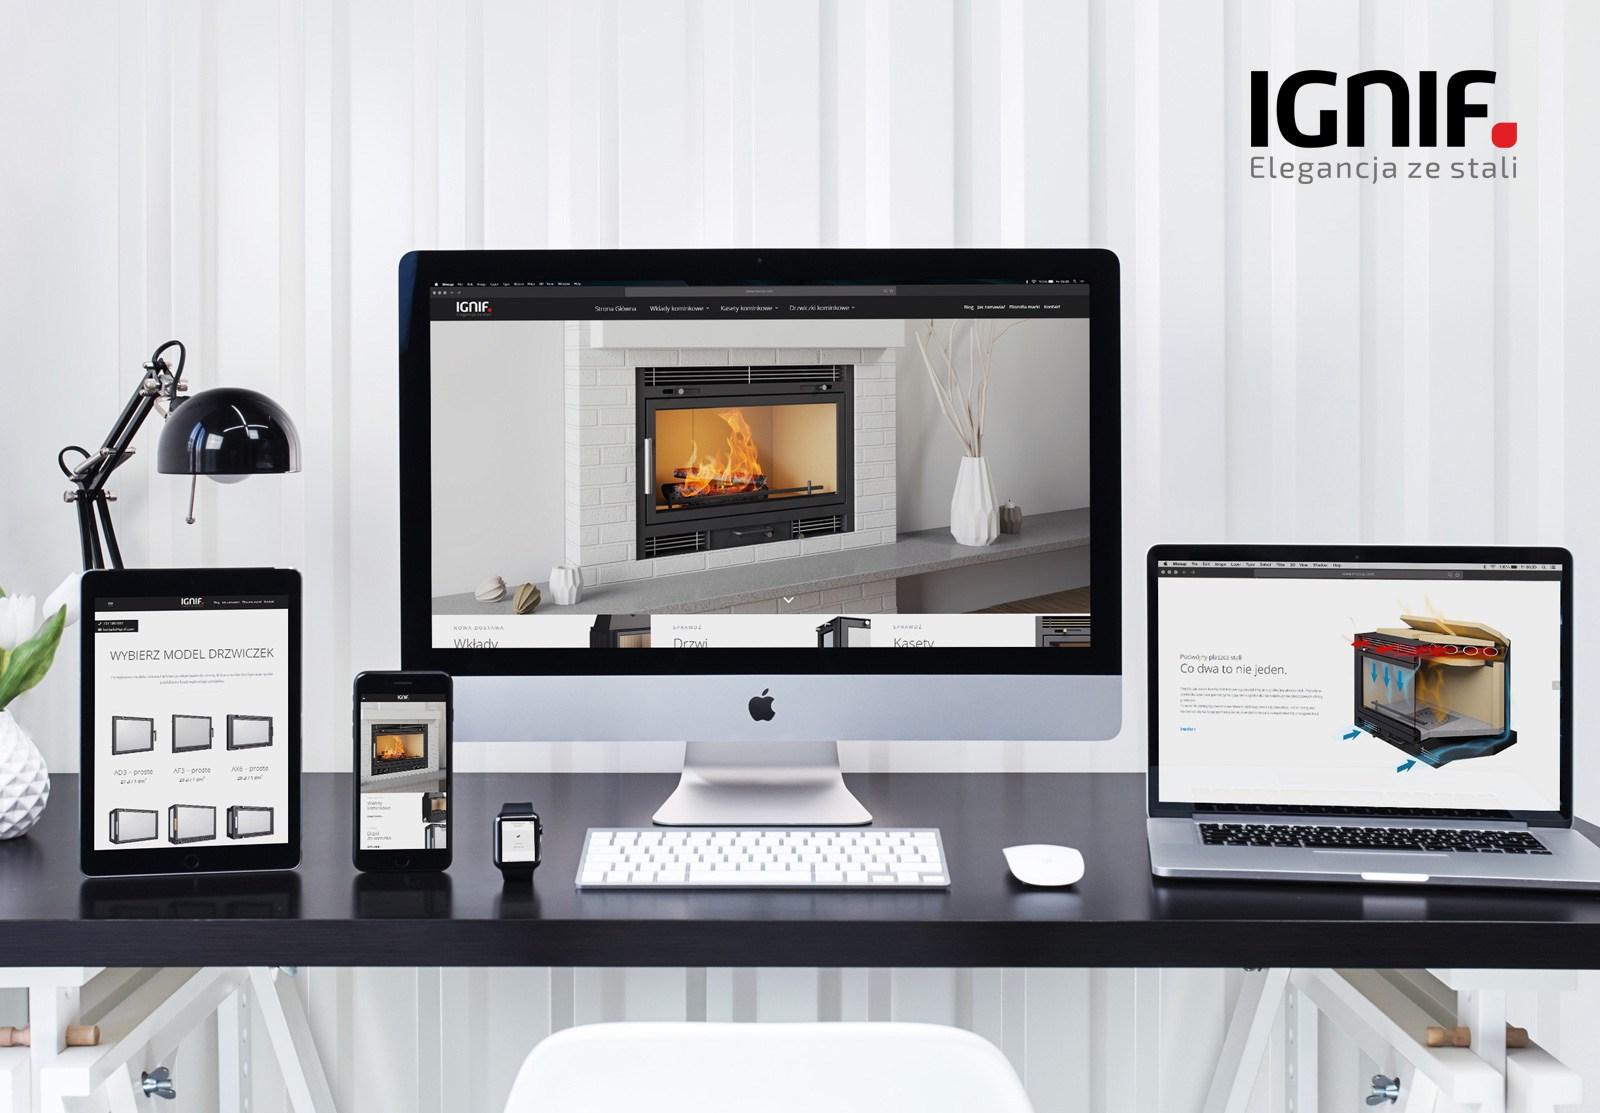 ignifcom-01-1600-1